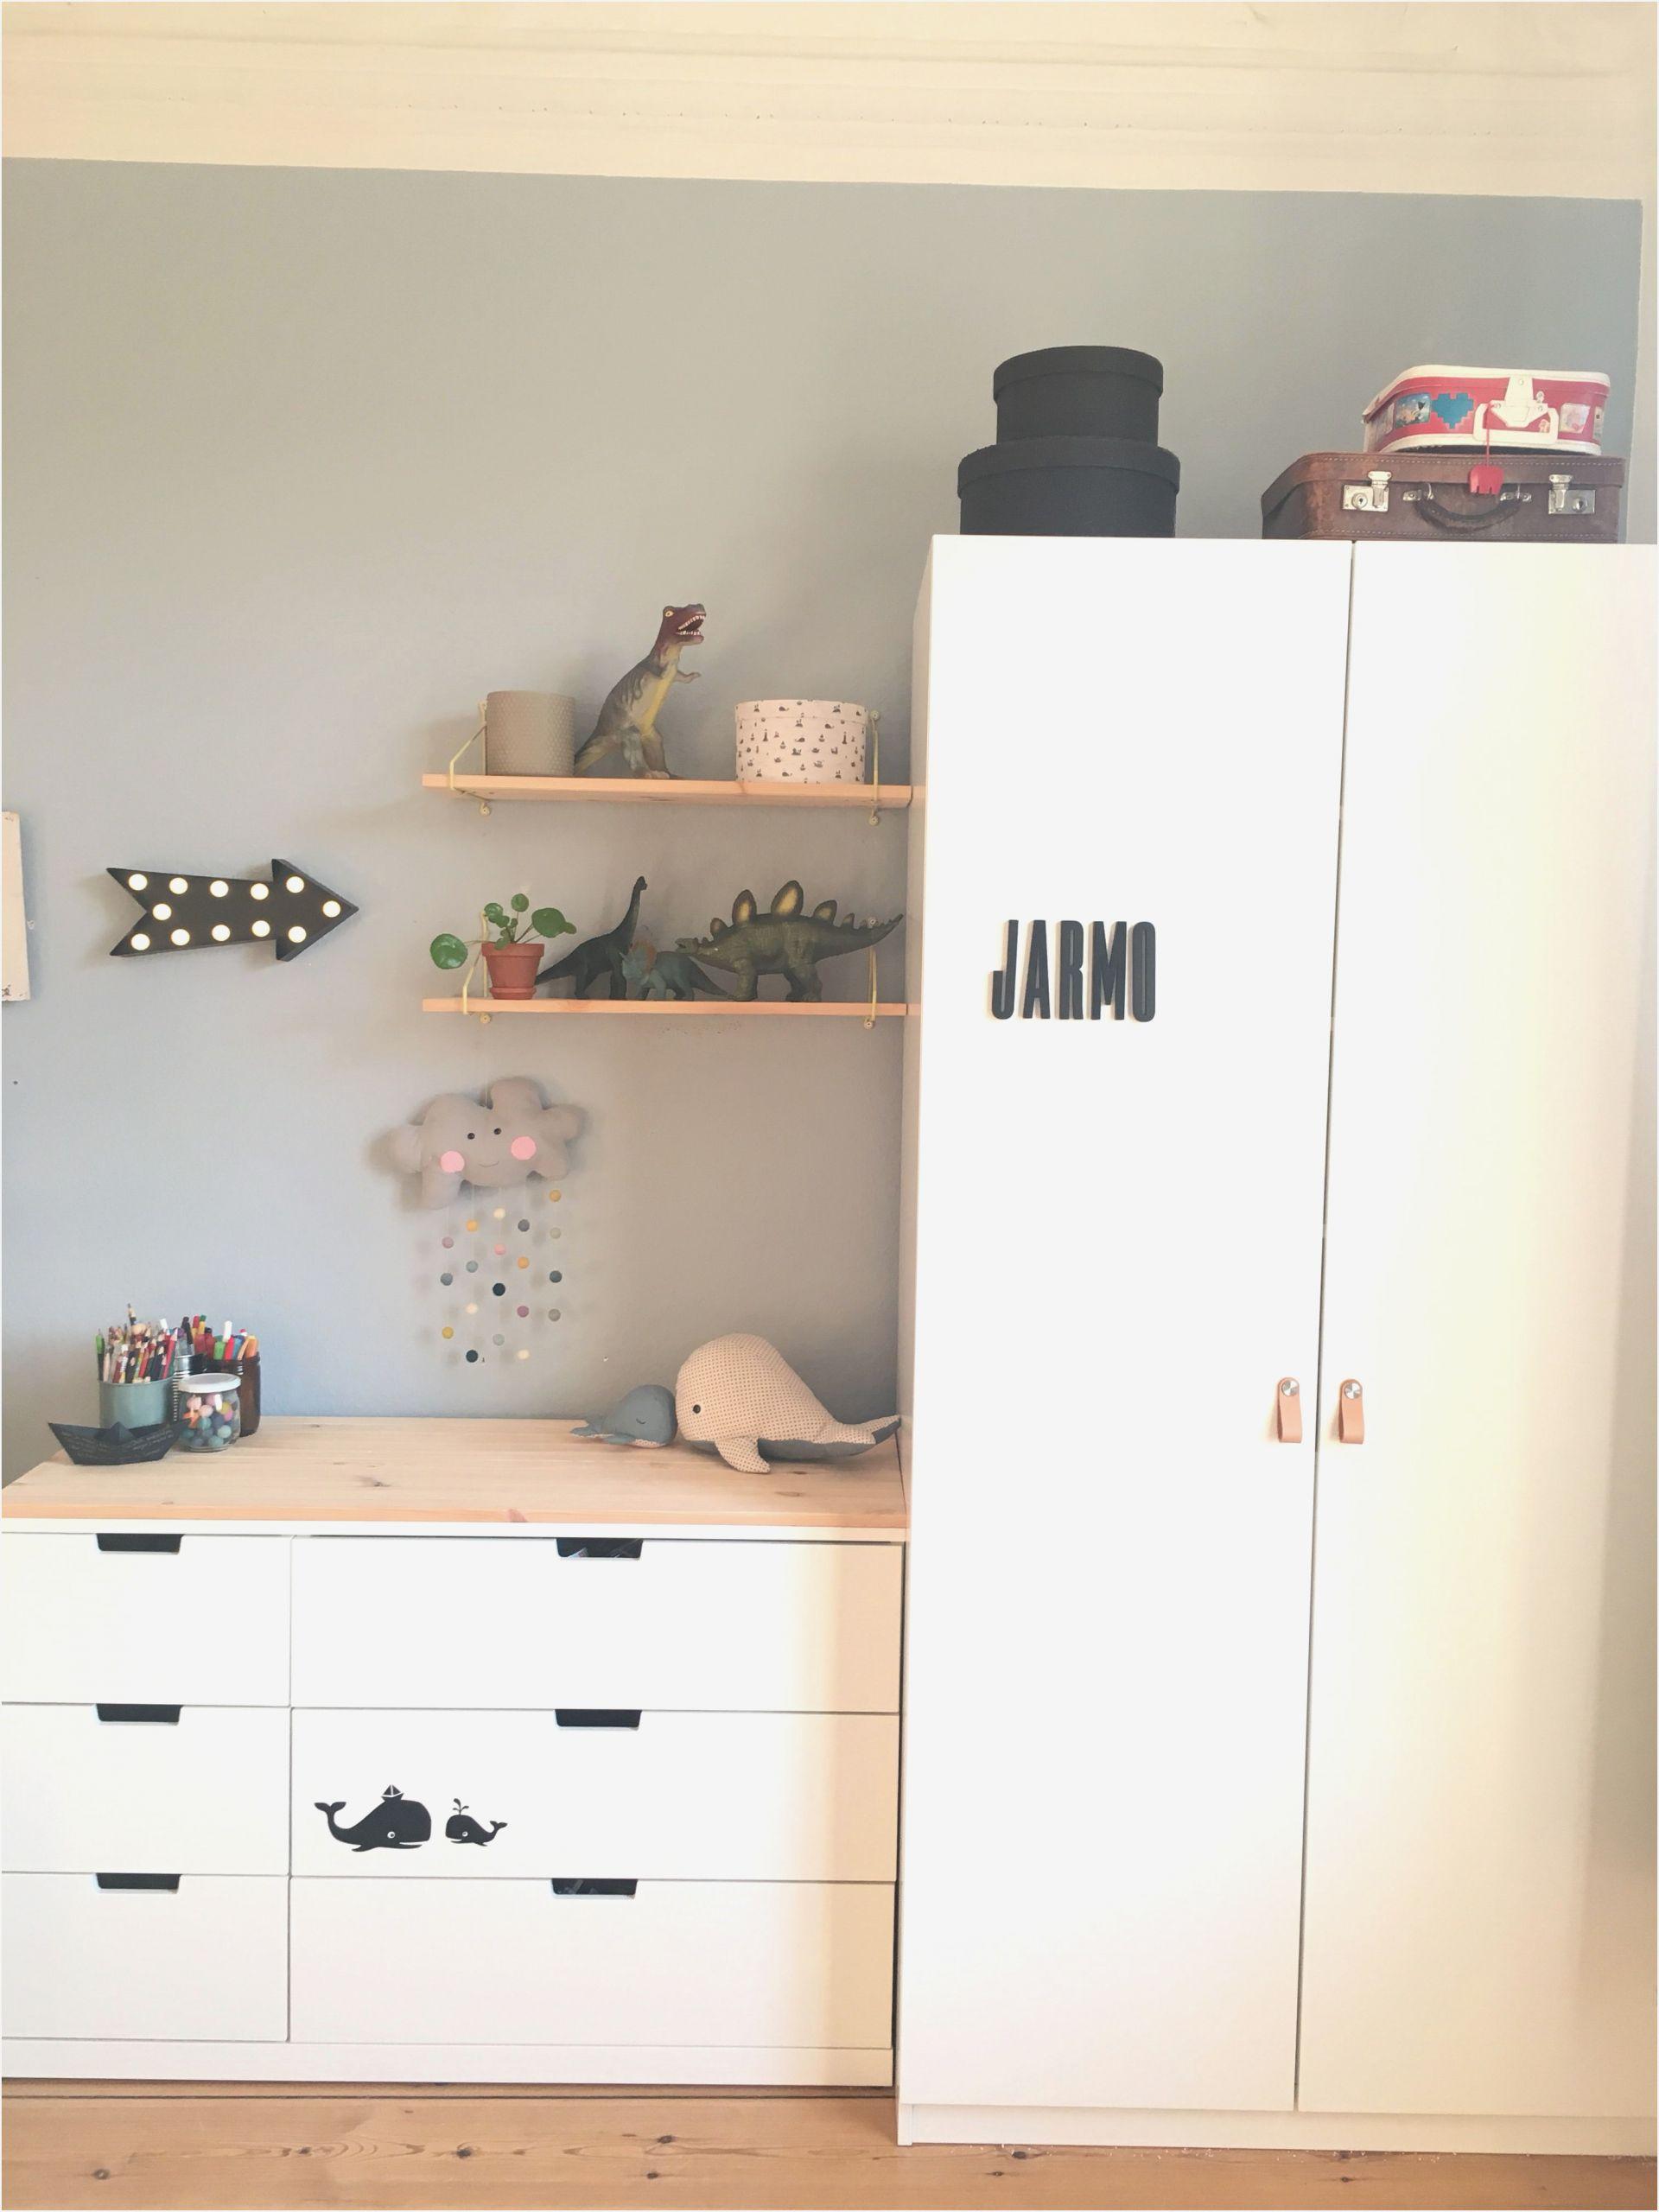 Full Size of Kinderzimmer Aufbewahrung Ikea Wand Traumhaus Sofa Küche Regal Weiß Aufbewahrungsbehälter Bett Mit Regale Aufbewahrungsbox Garten Aufbewahrungssystem Betten Kinderzimmer Kinderzimmer Aufbewahrung